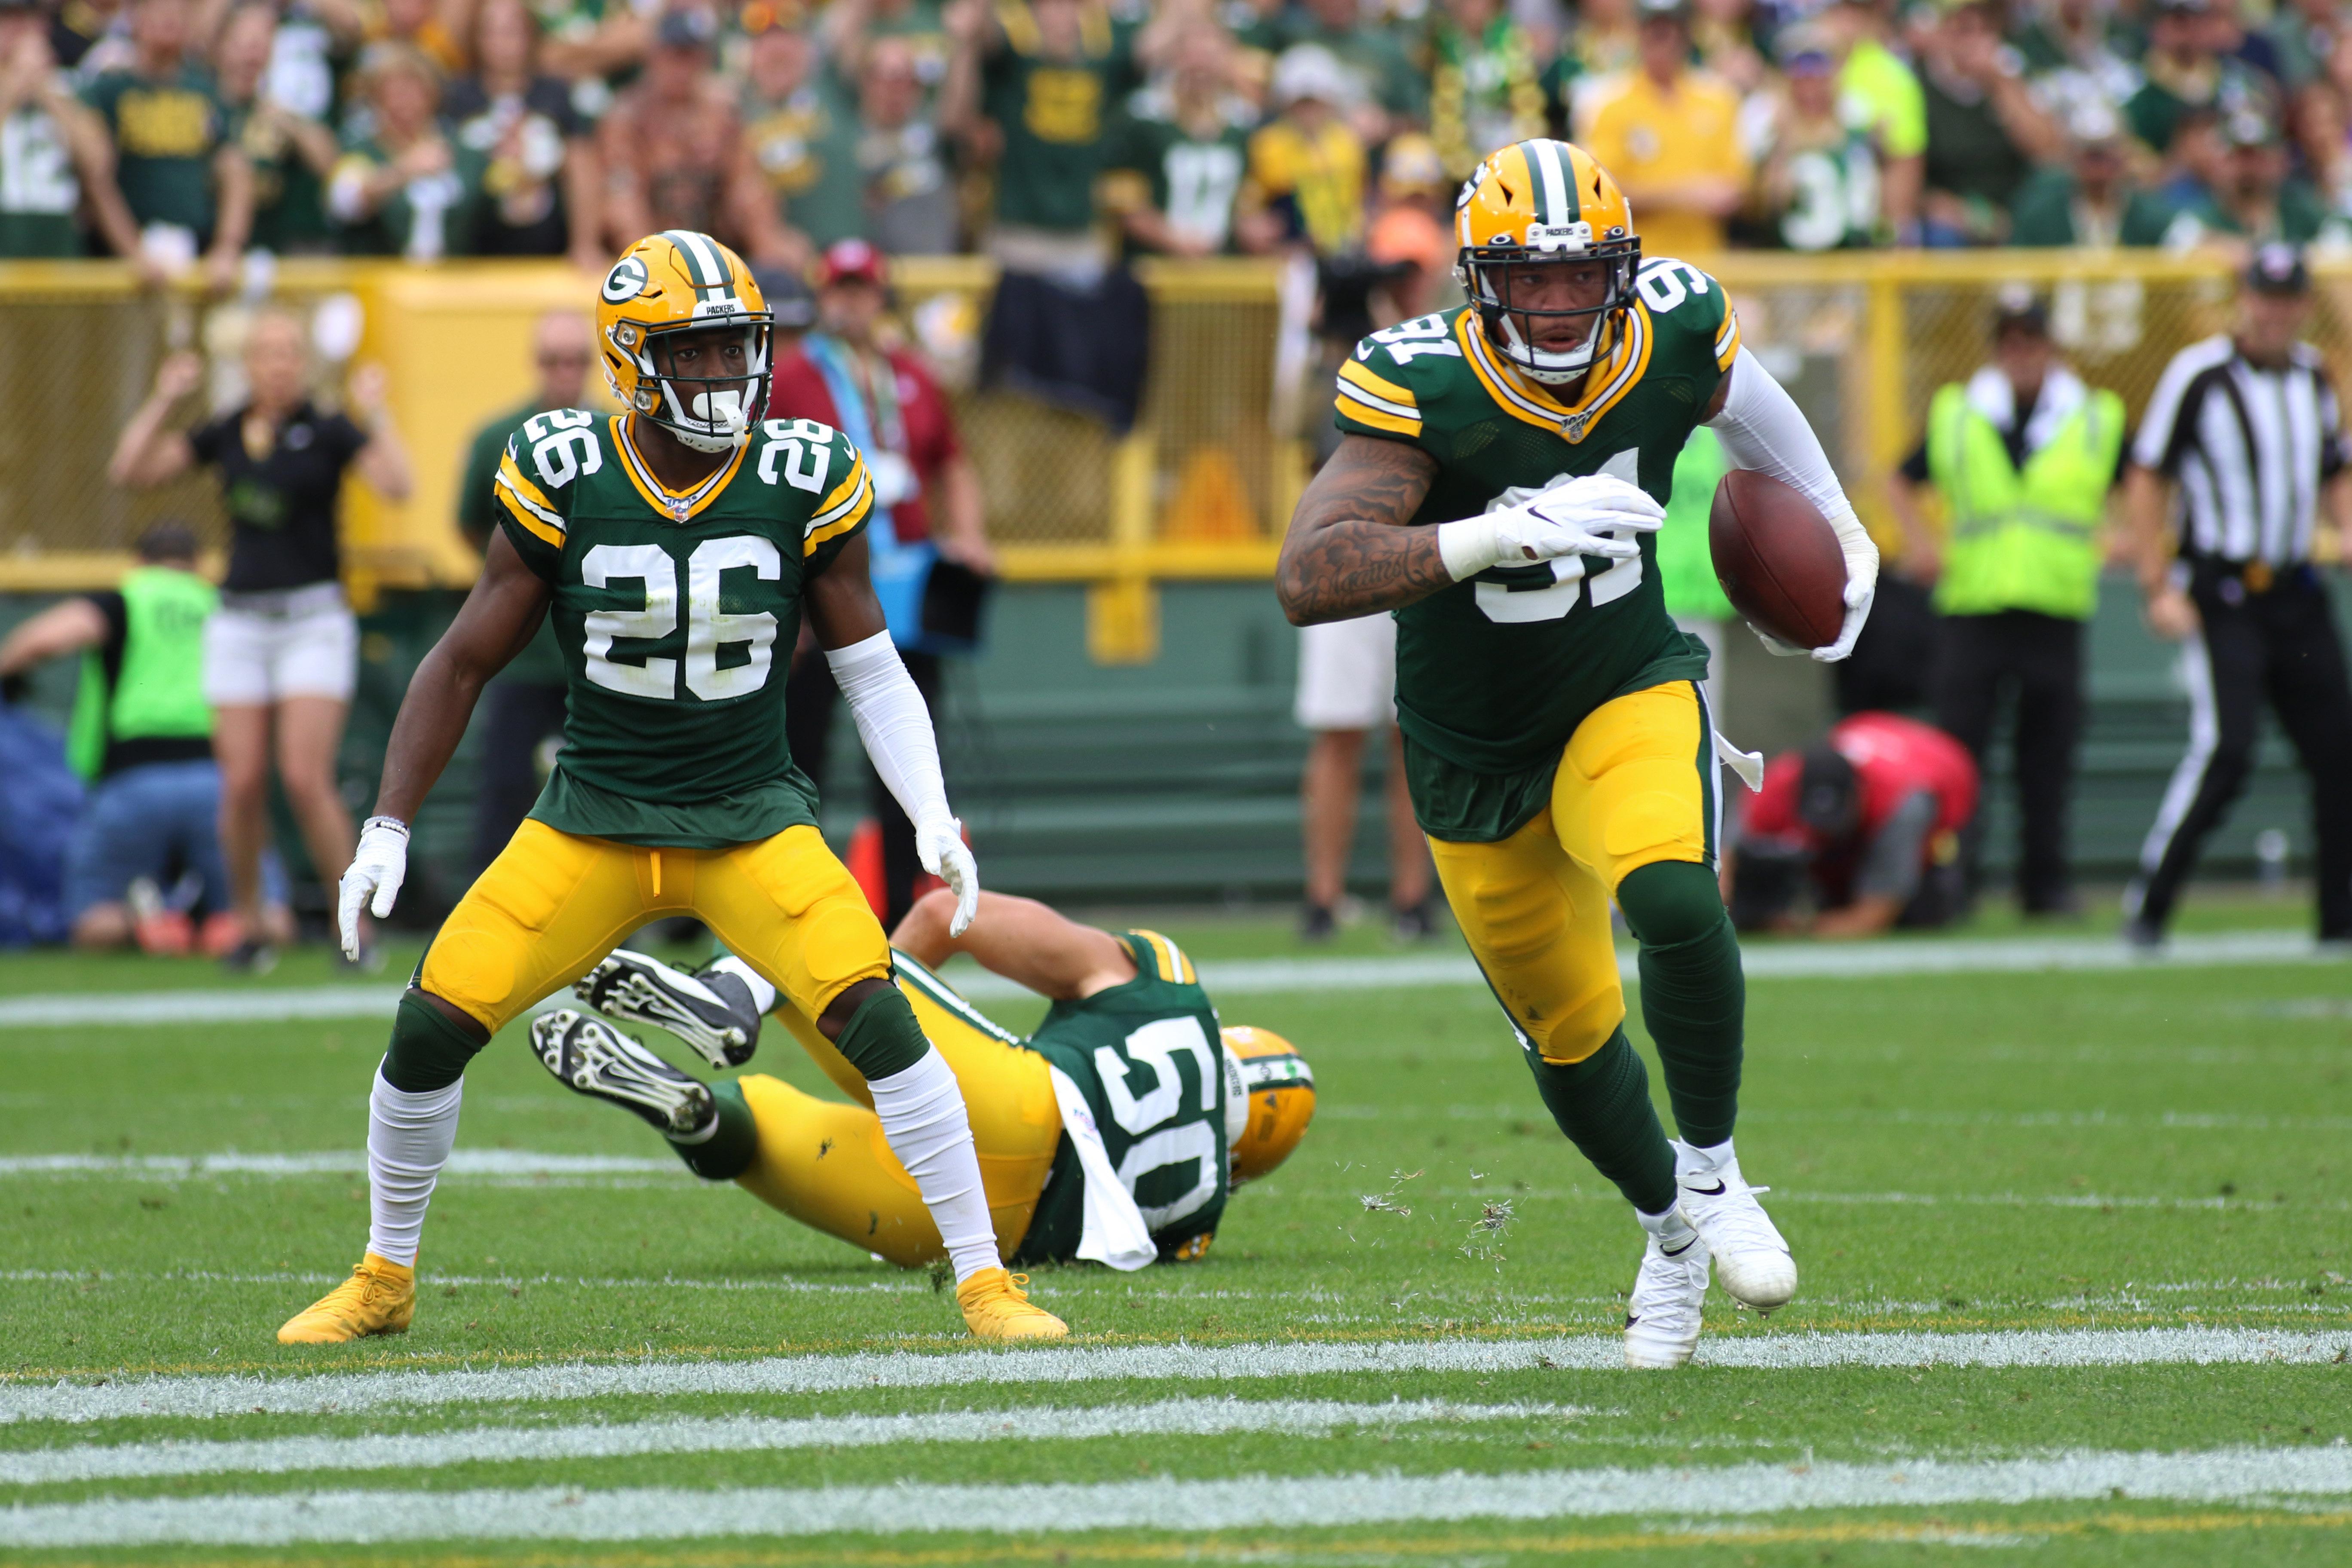 NFL: SEP 15 Vikings at Packers